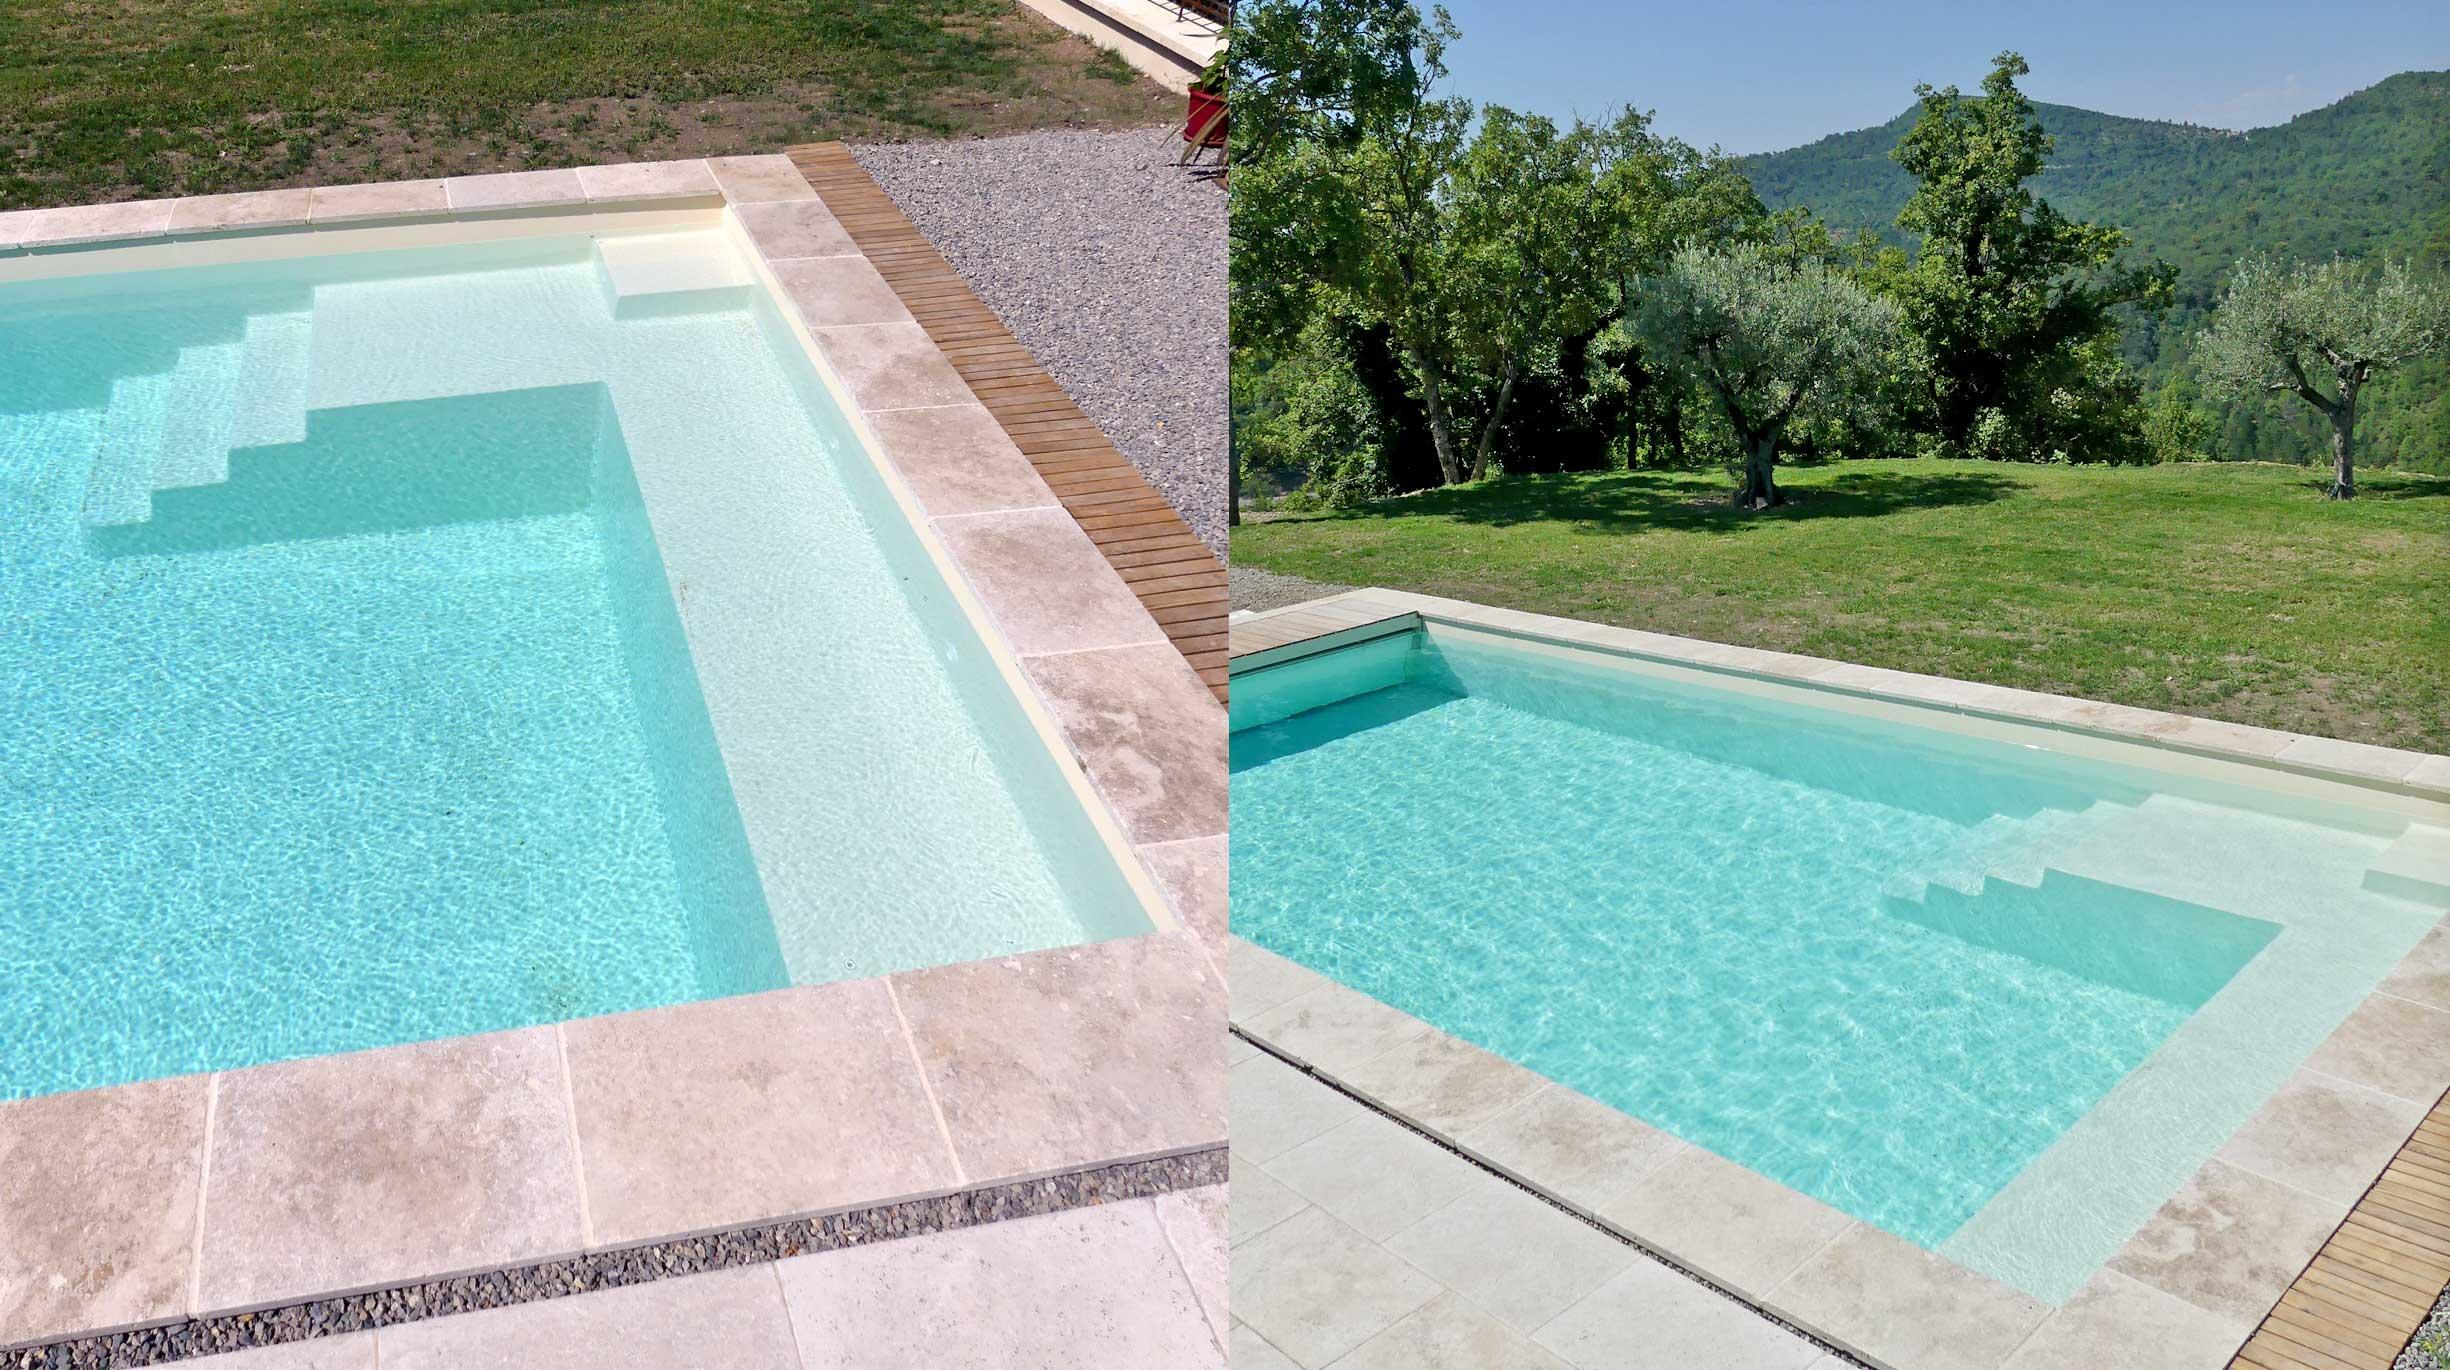 gp_actu_aout_piscine-famille_mont-blanc-3 Piscine à coque : ce qu'il faut savoir de A à Z avant de se lancer